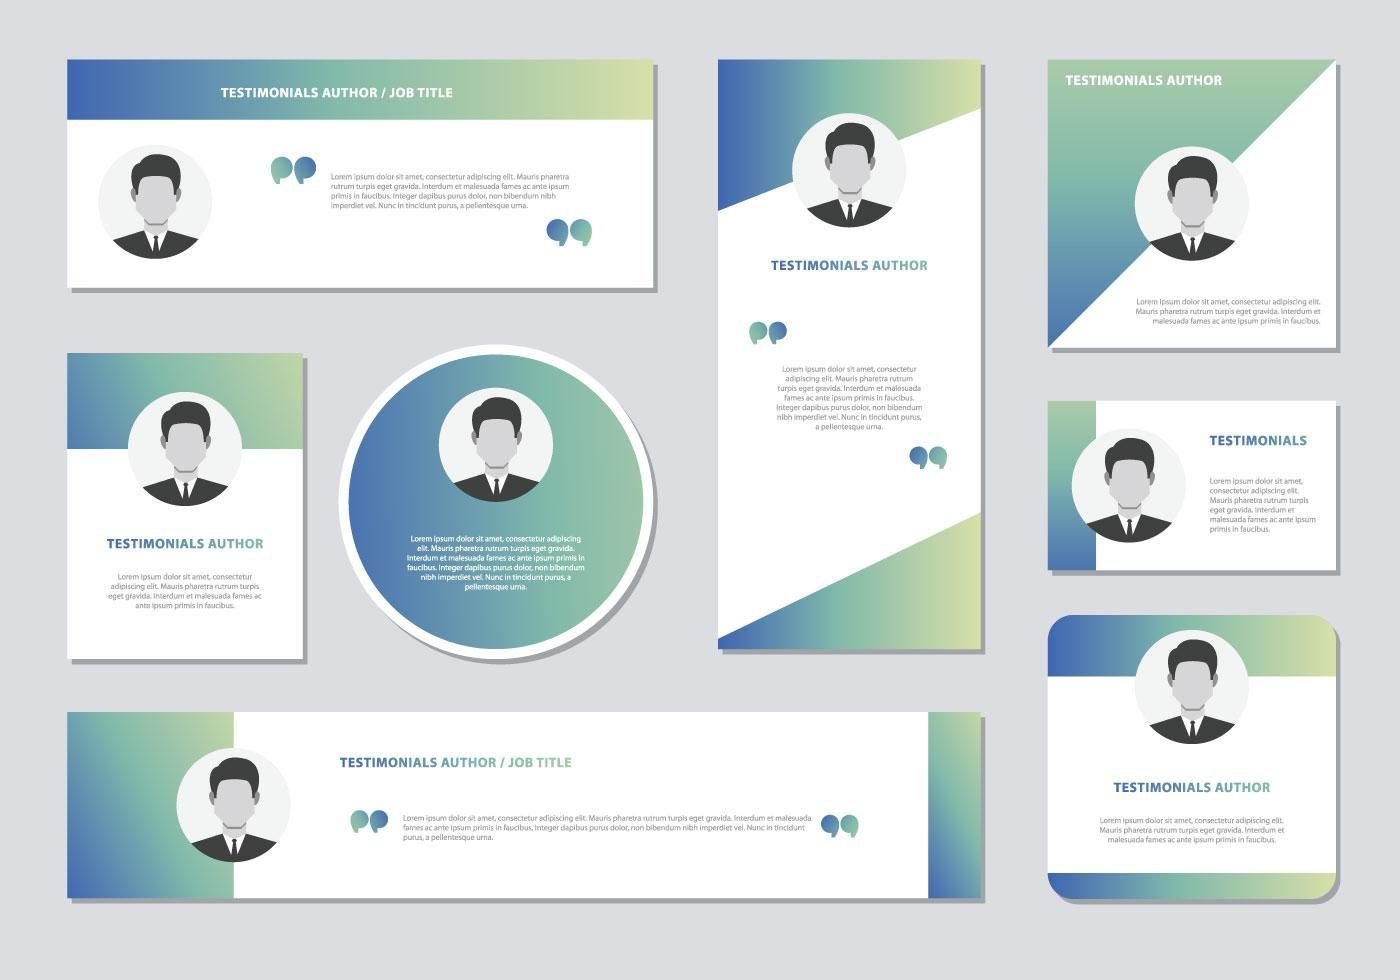 Website Testimonials Box Template Vector Testimonials Web Design Testimonials Design Web Design Trends Inspiration